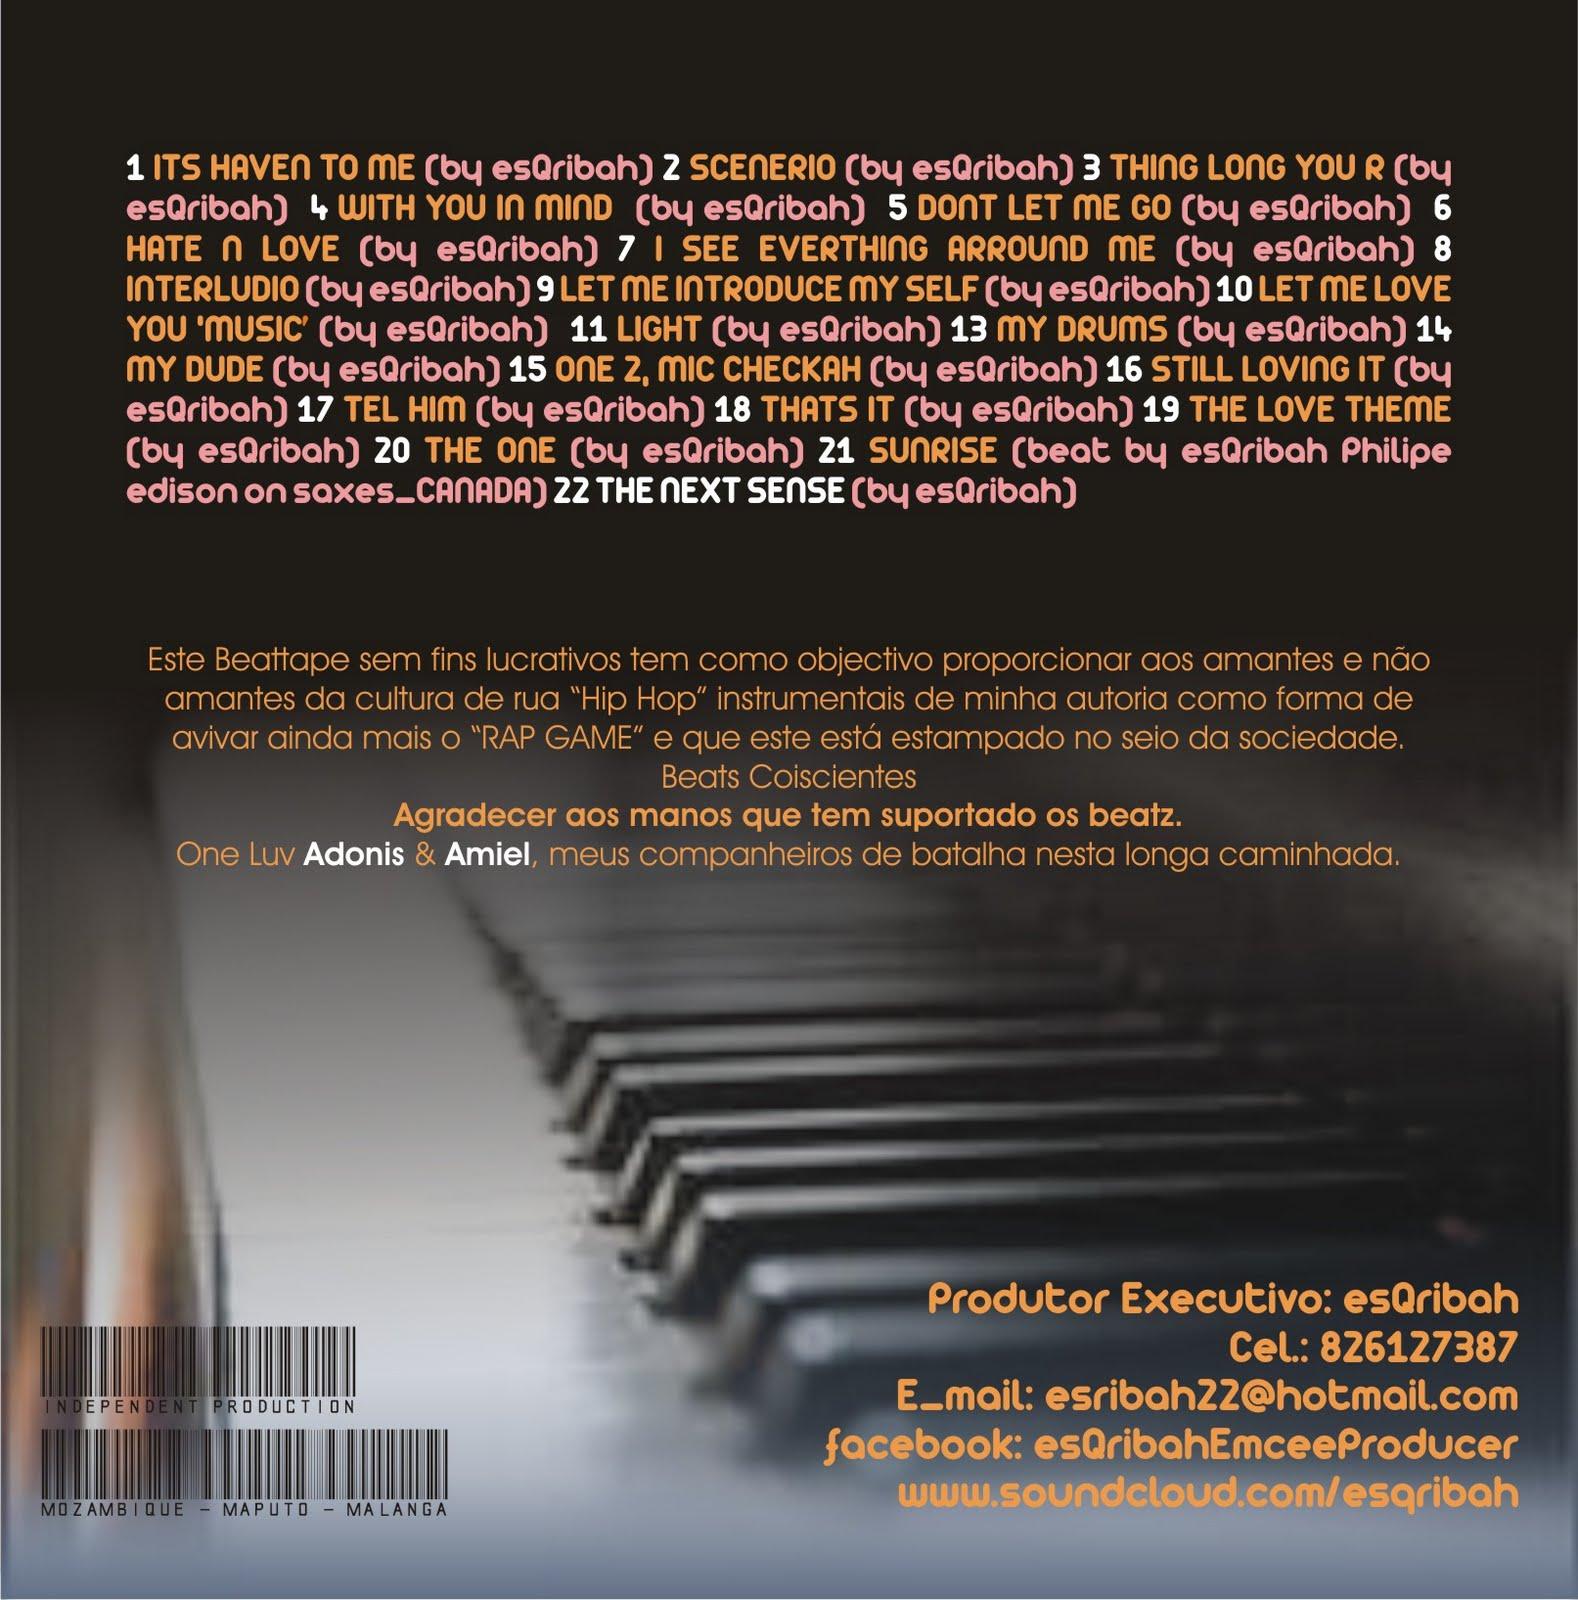 http://3.bp.blogspot.com/-7QWkWJhOcS8/Tp7mWCAO9hI/AAAAAAAAGrI/t9MqxEc3Y1Q/s1600/Beattape%2BBoxCD%2Bback.jpg